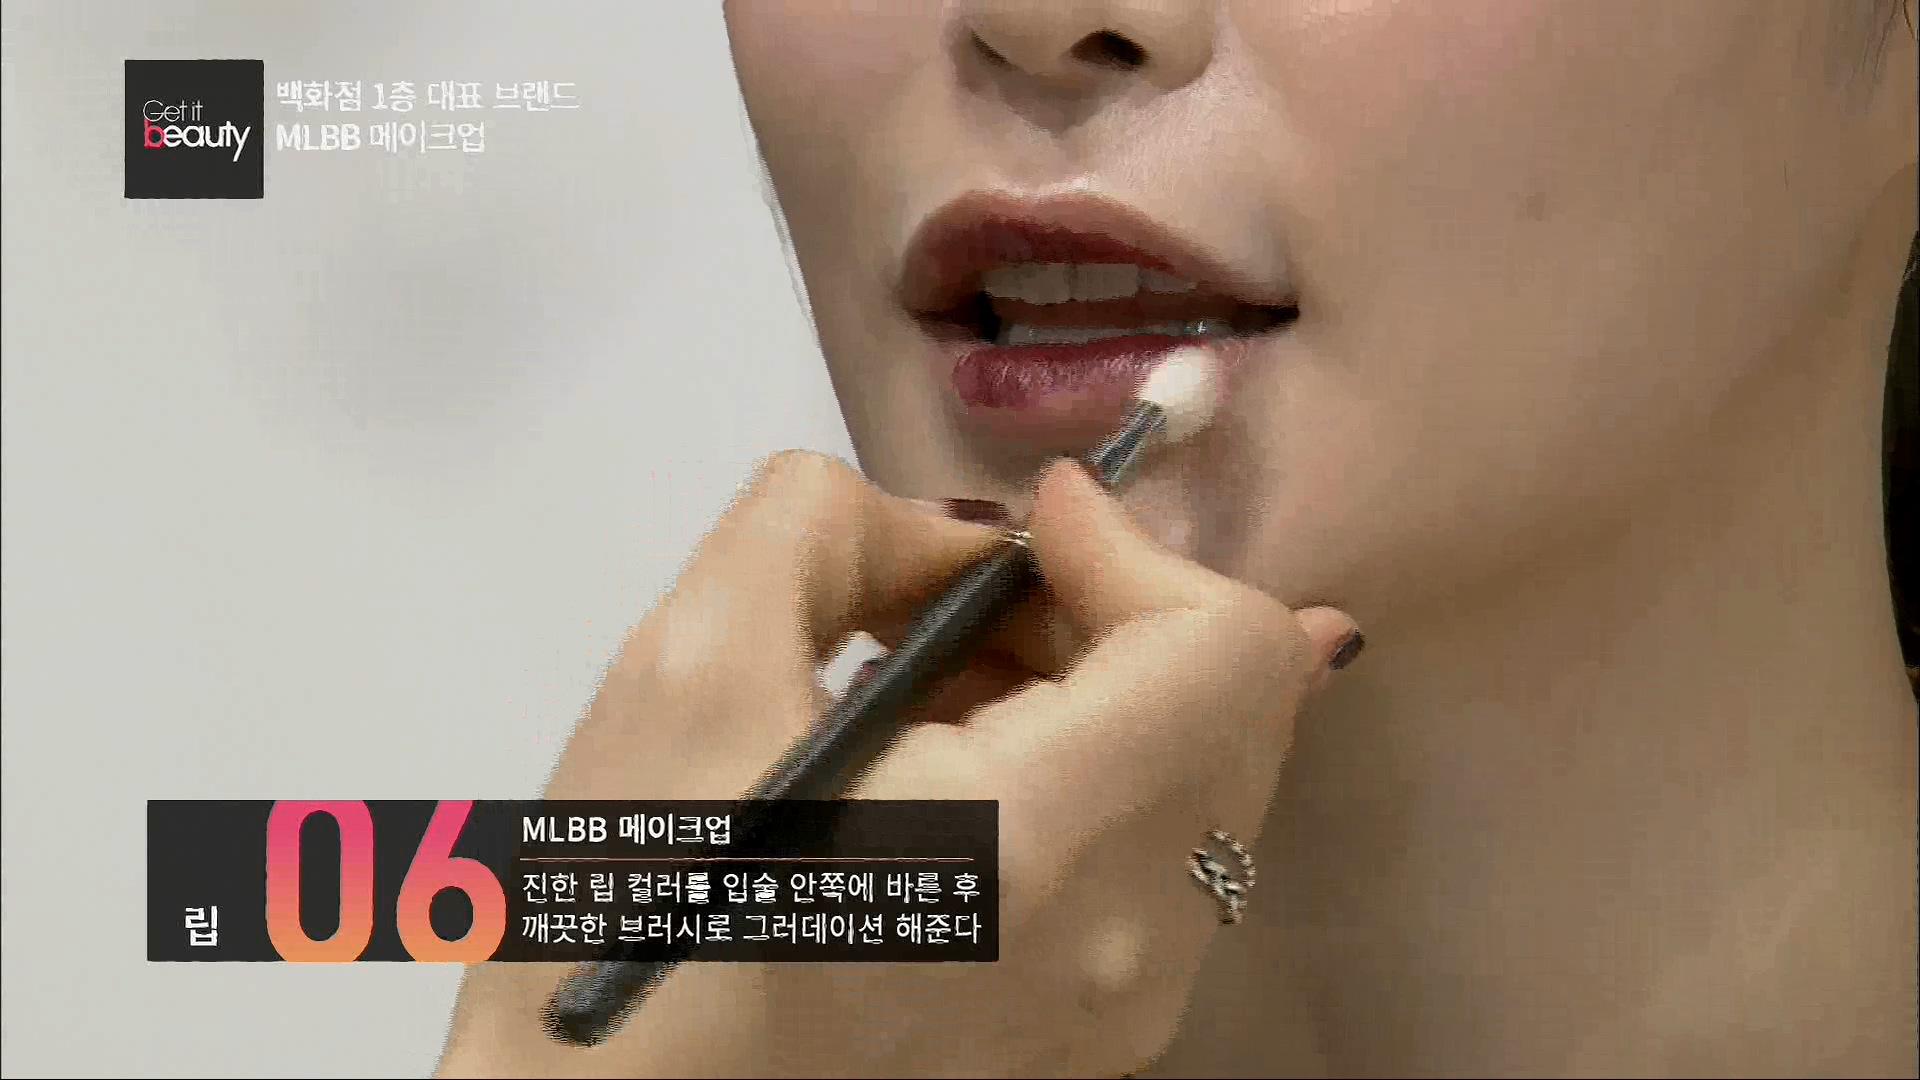 MLBB 메이크업 #립 진한 립 컬러를 입술 안쪽에 바른 후 깨끗한 브러시로 그러데이션 해줍니다.